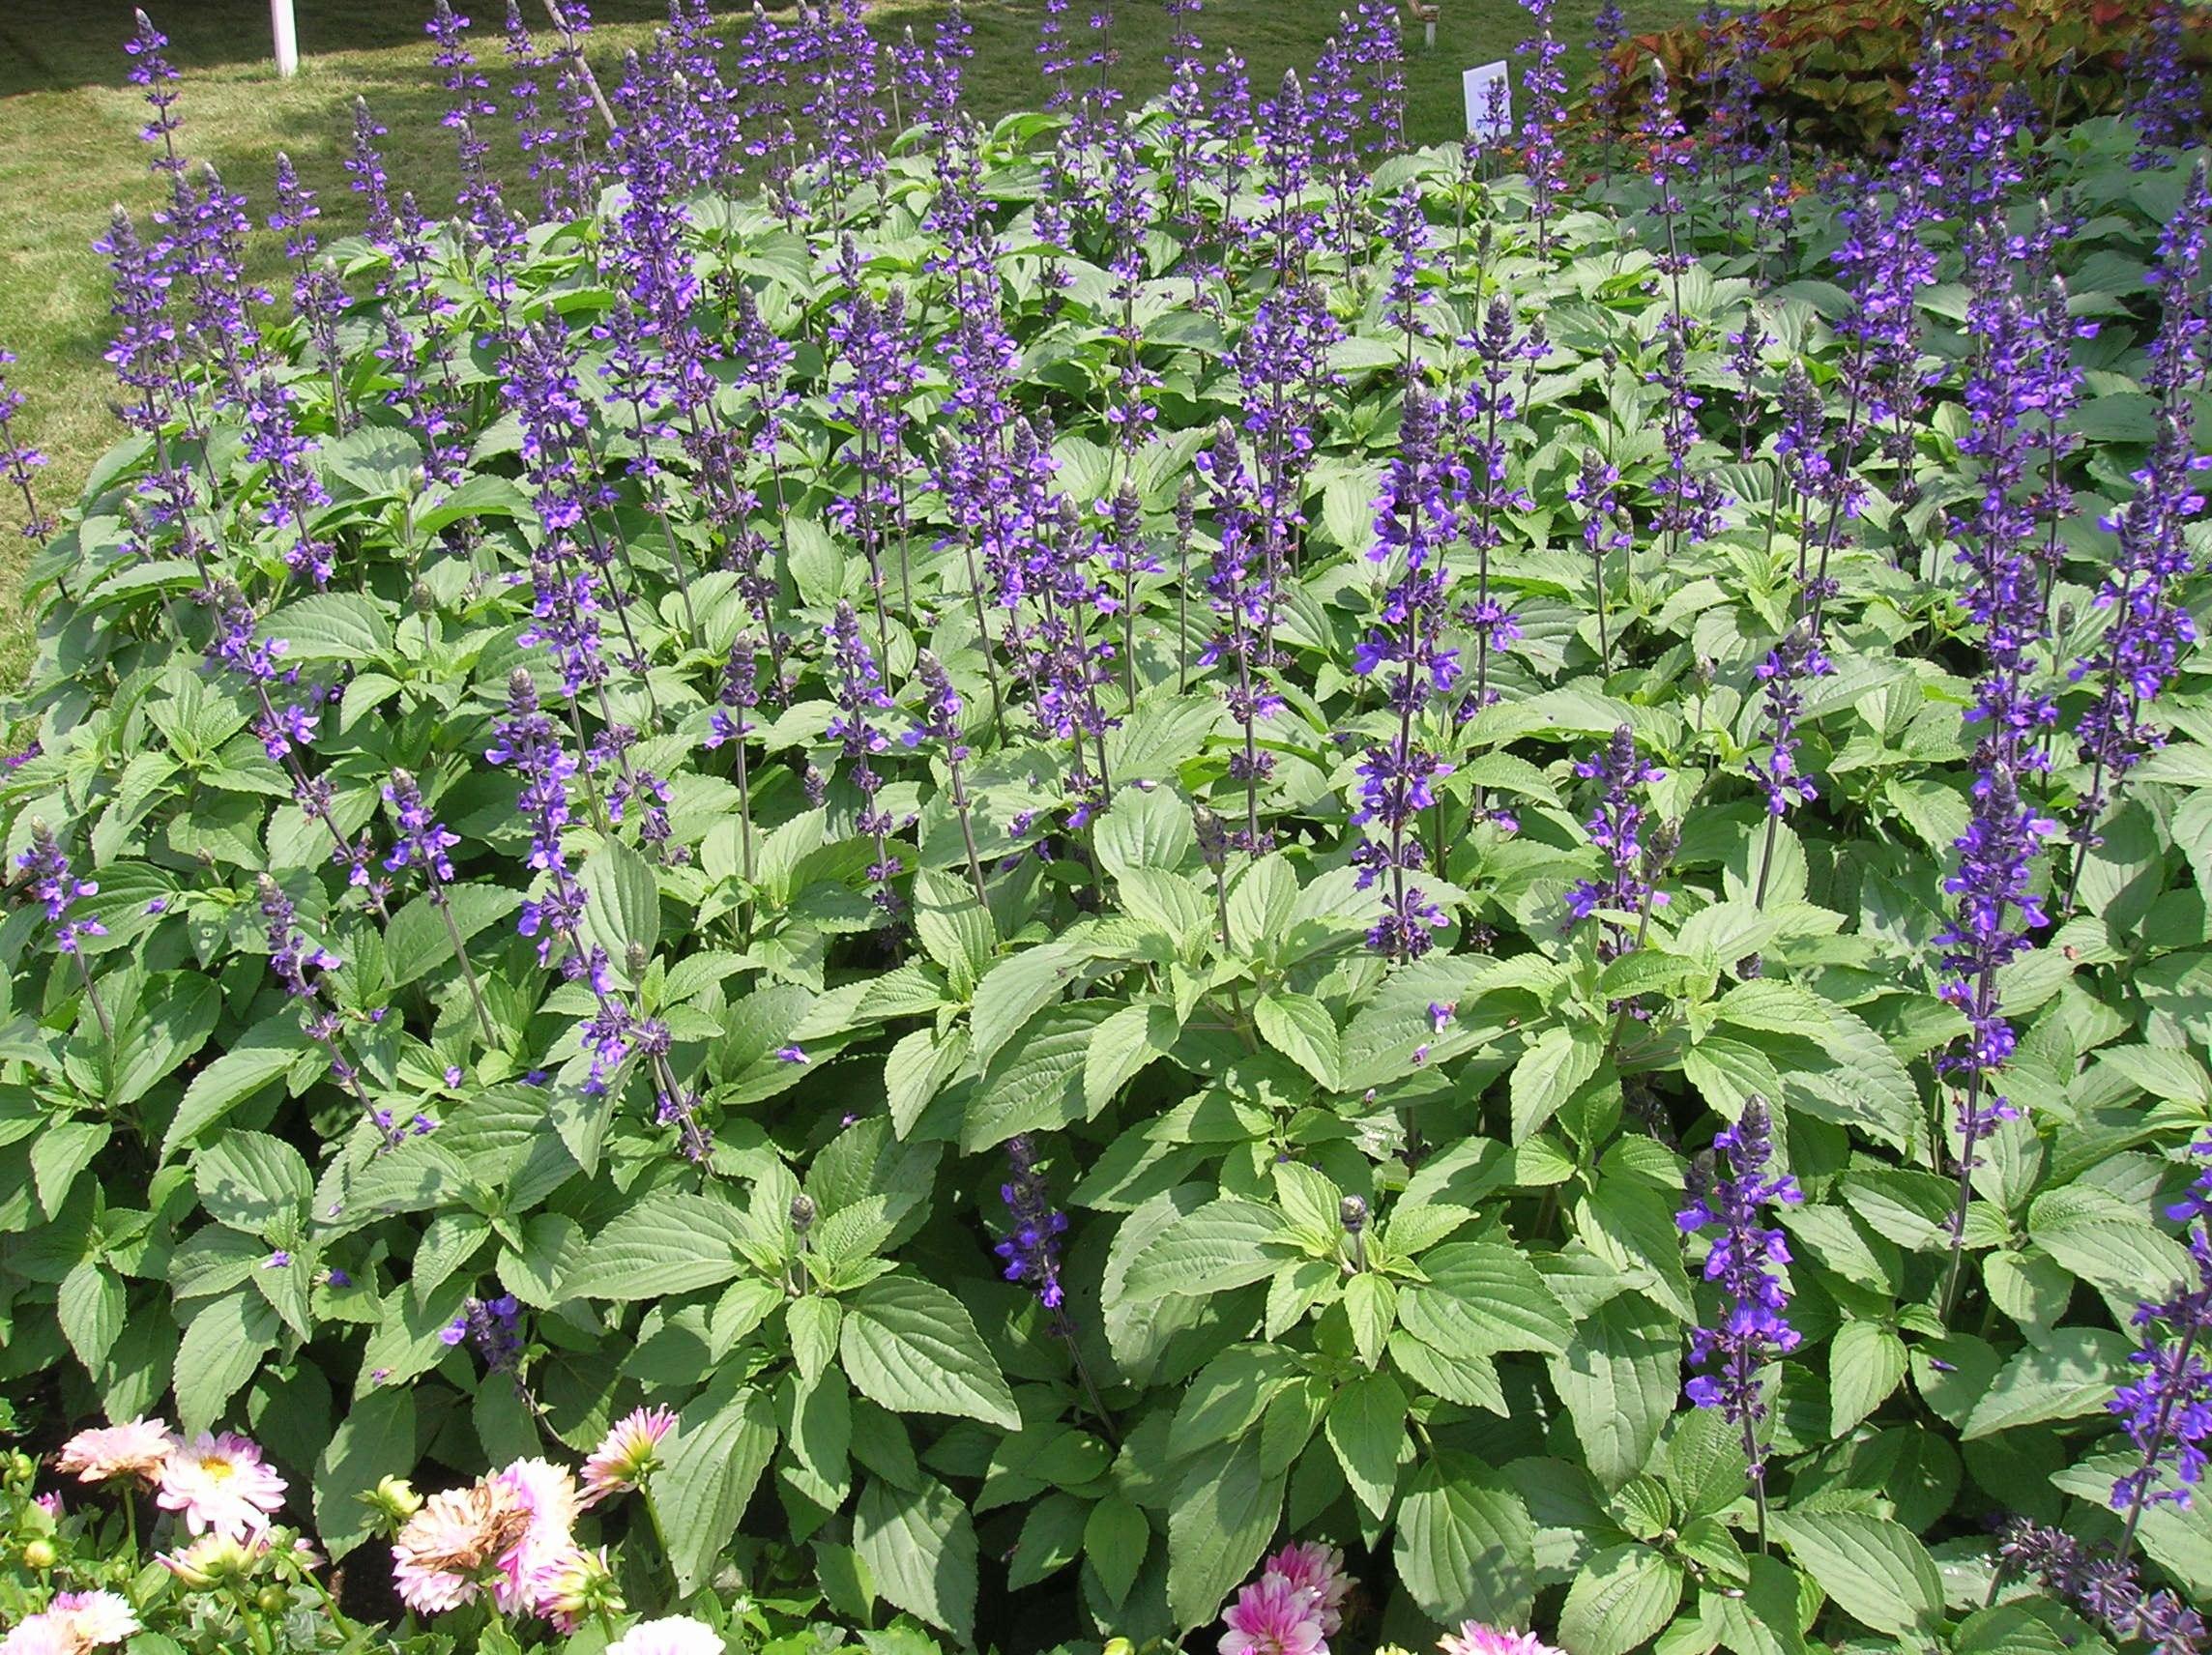 How To Grow Salvia Gardening Salvia Growing And Caring For Salvia